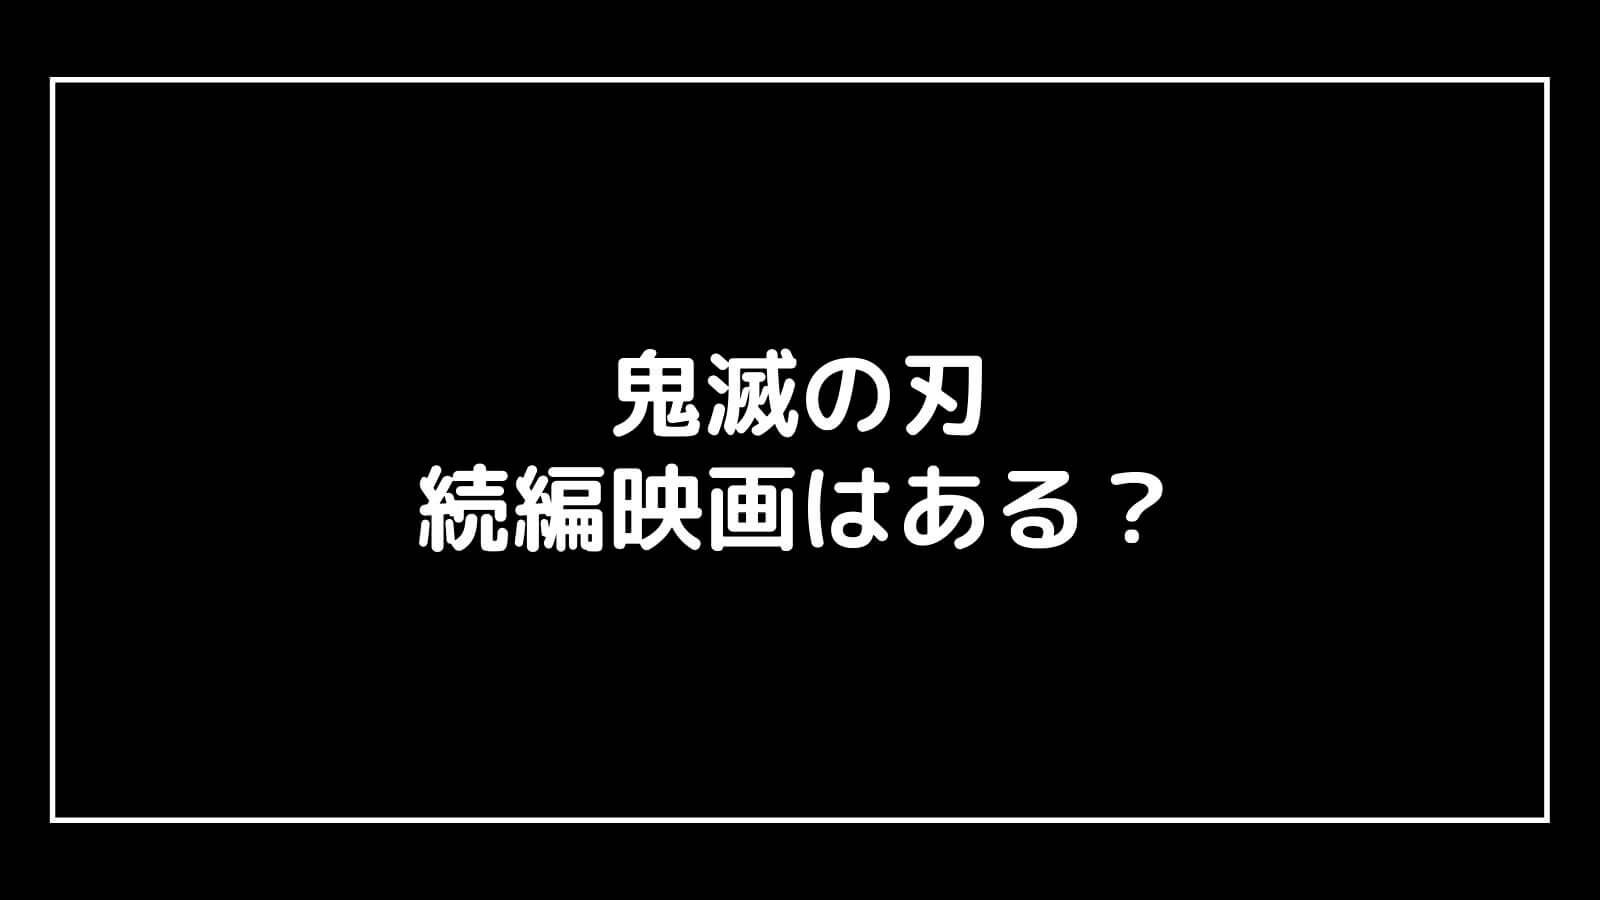 『鬼滅の刃 無限列車編』の続編映画はある?元映画館社員が予想